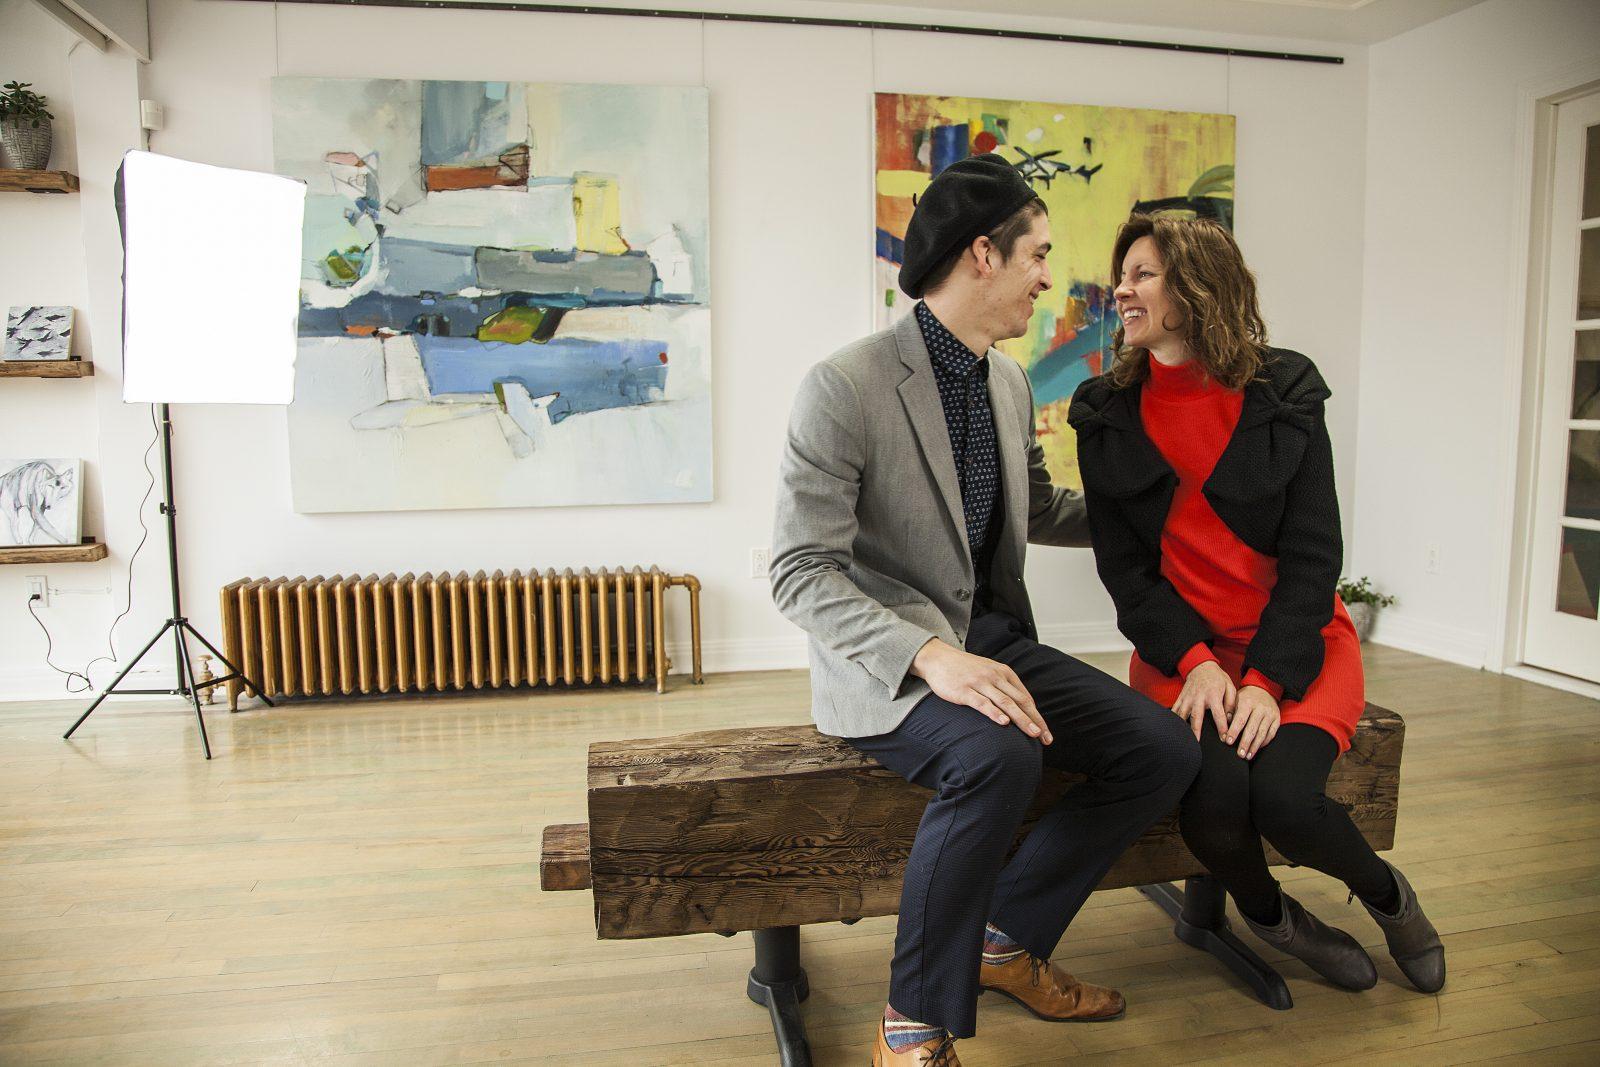 Une nouvelle galerie d'art ouvre ses portes